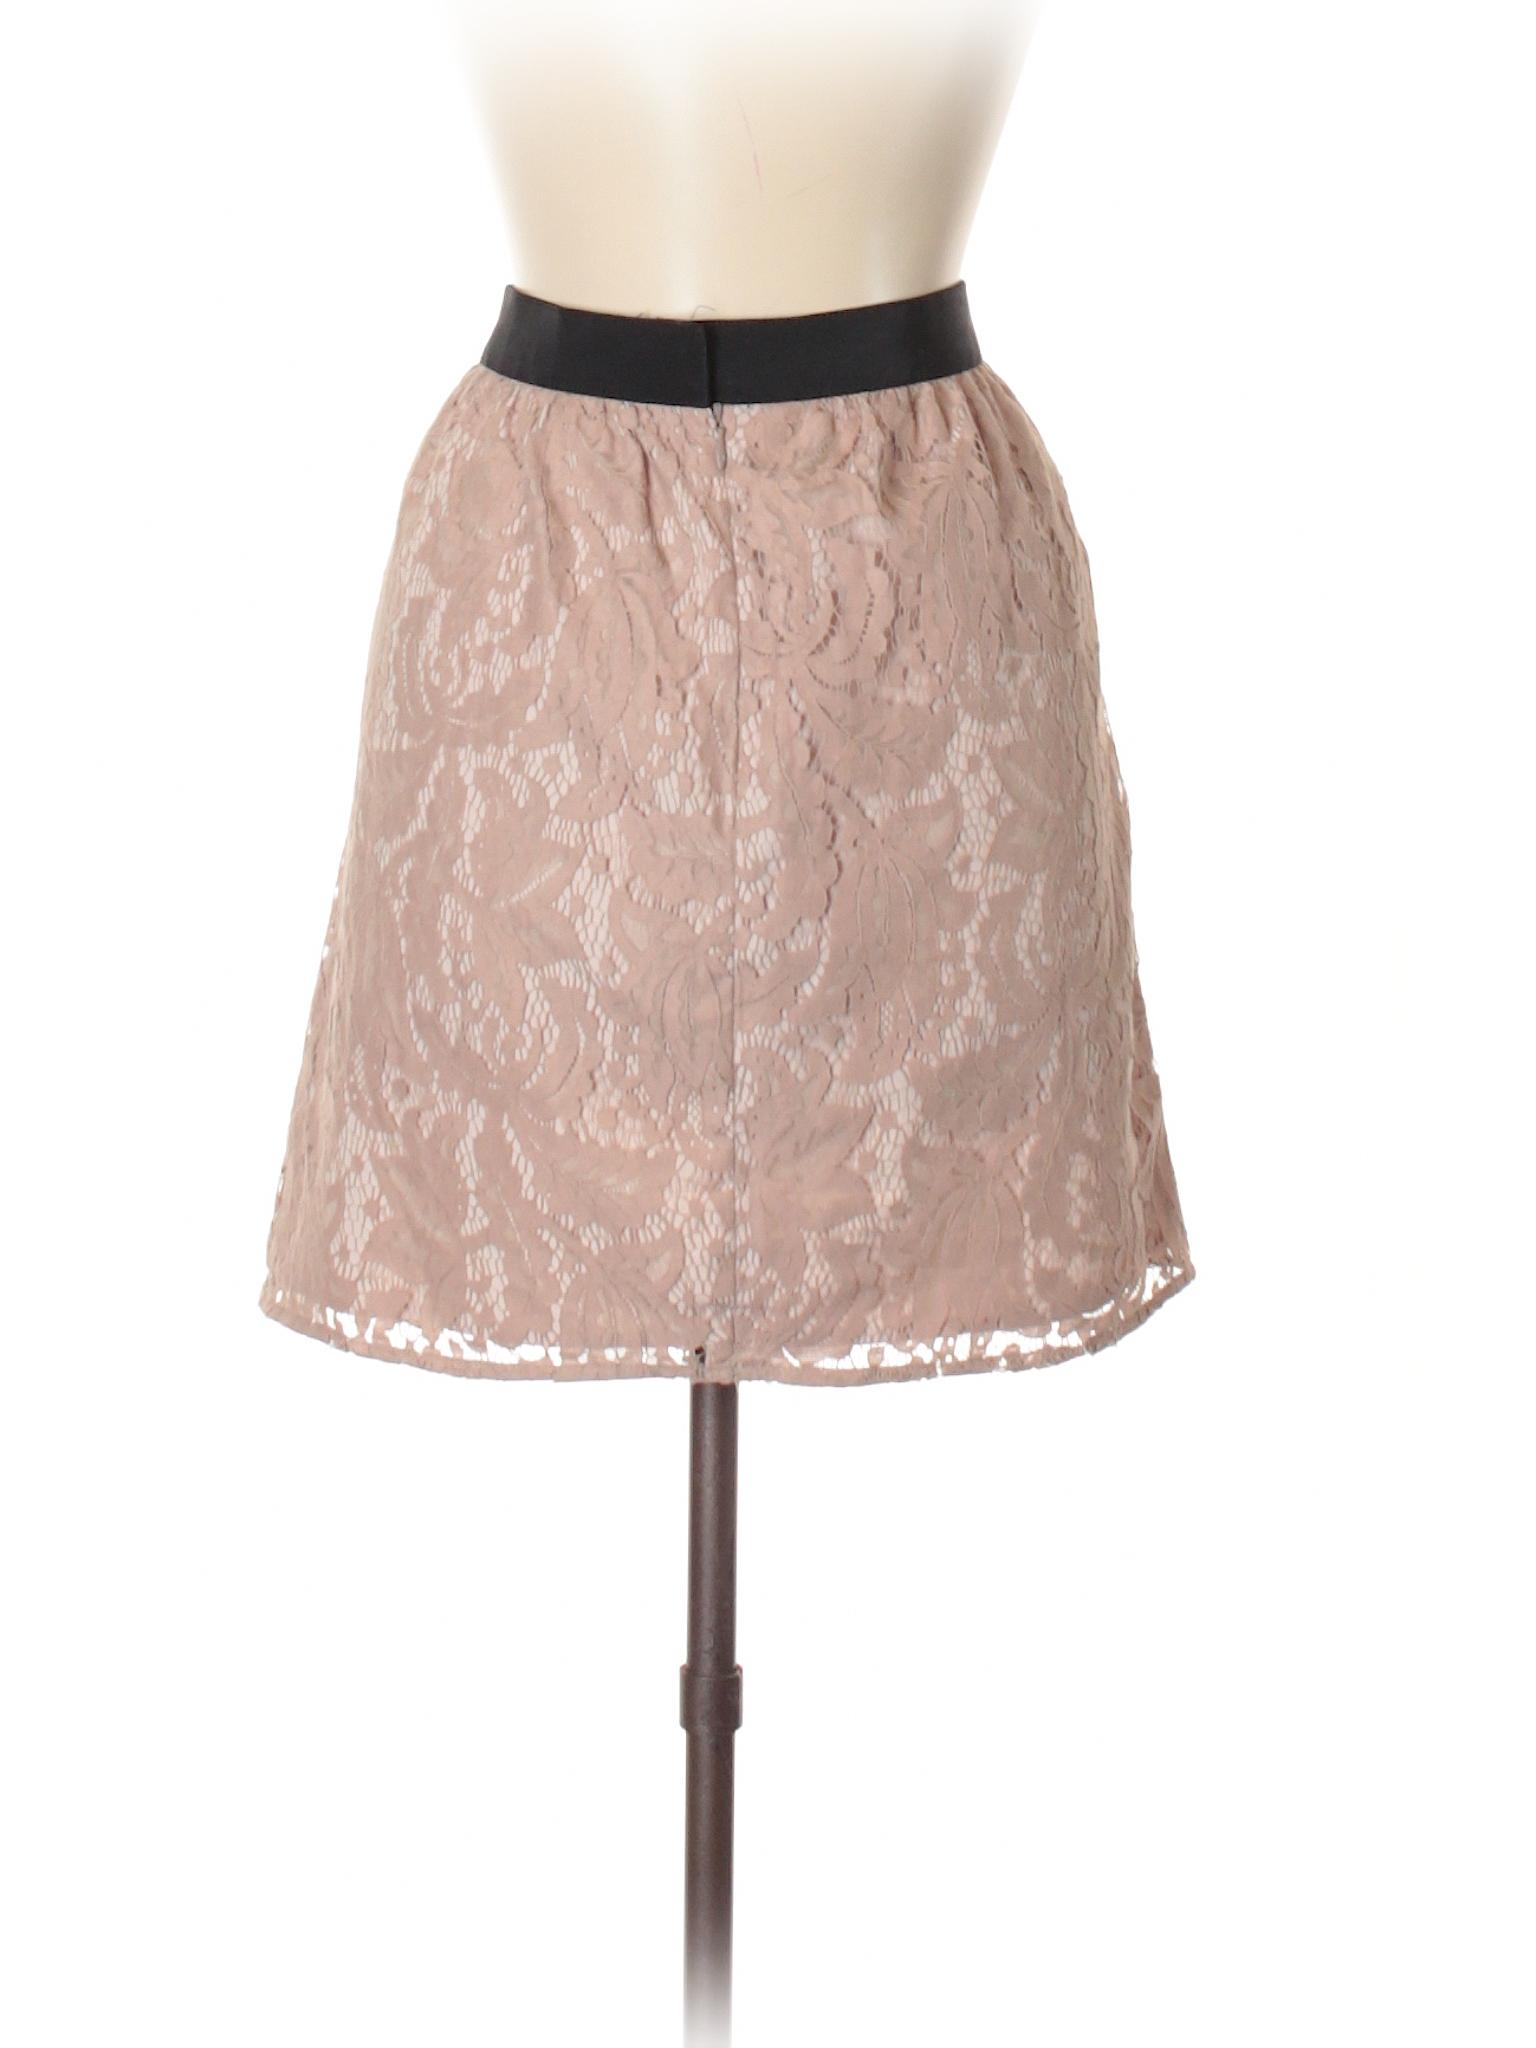 Casual Casual Boutique Boutique Boutique Boutique Skirt Skirt Casual Skirt ZnfBRqR